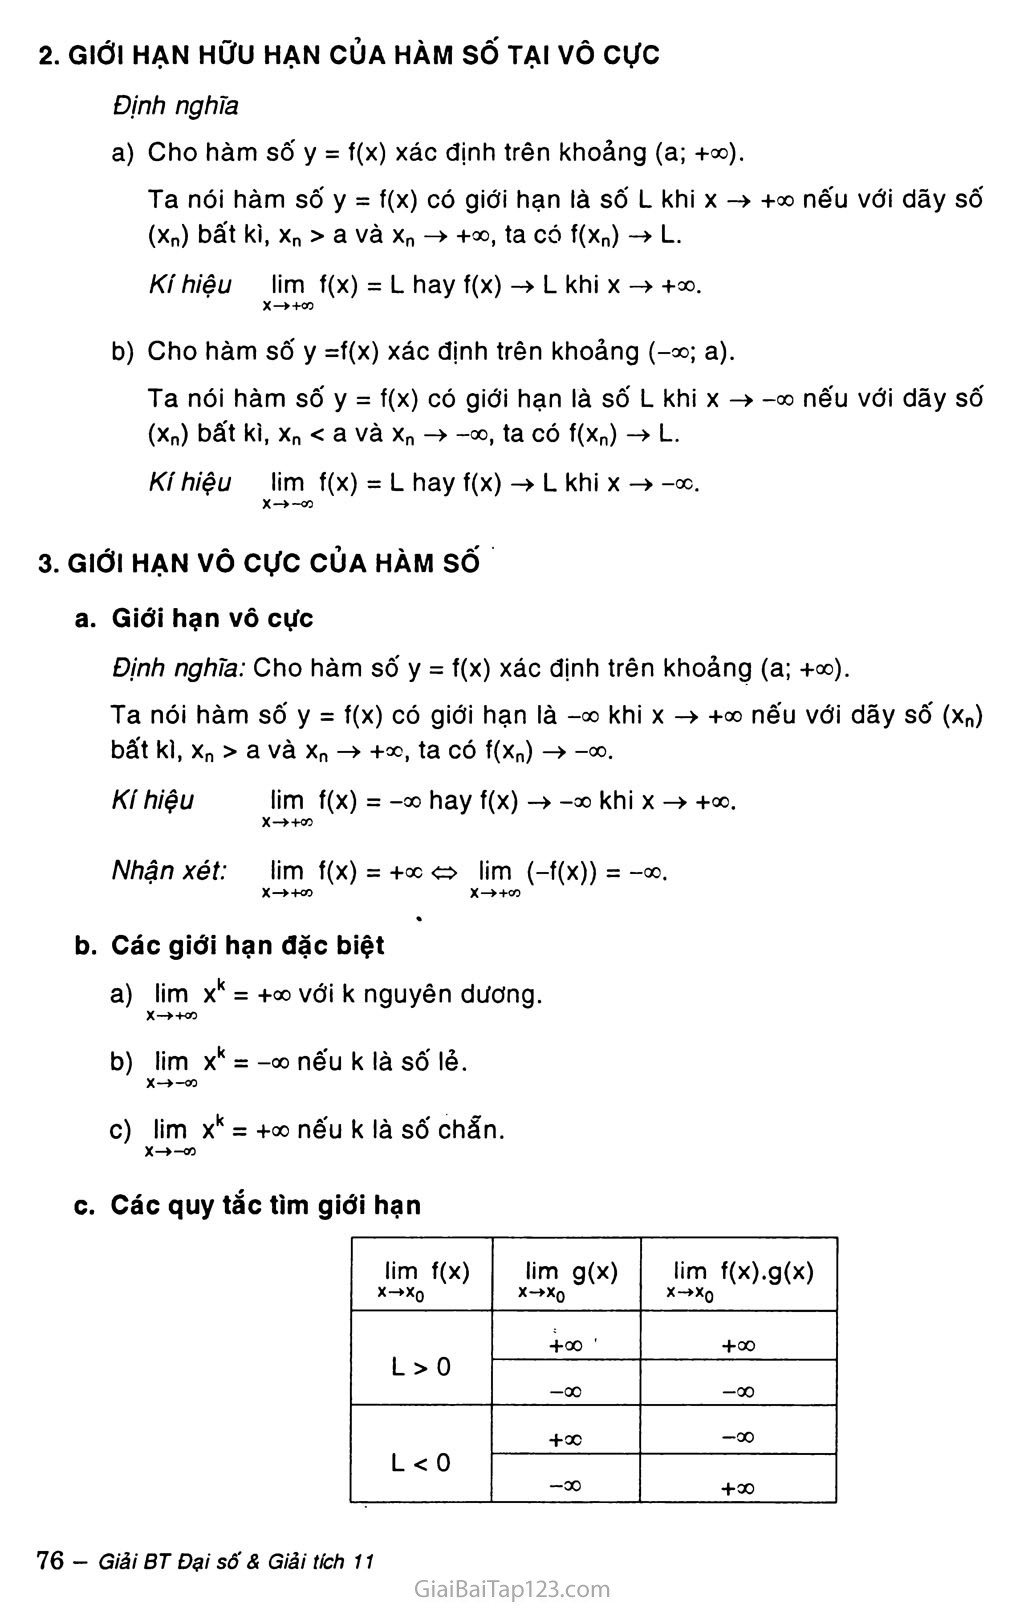 Bài 2. Giới hạn của hàm số trang 2